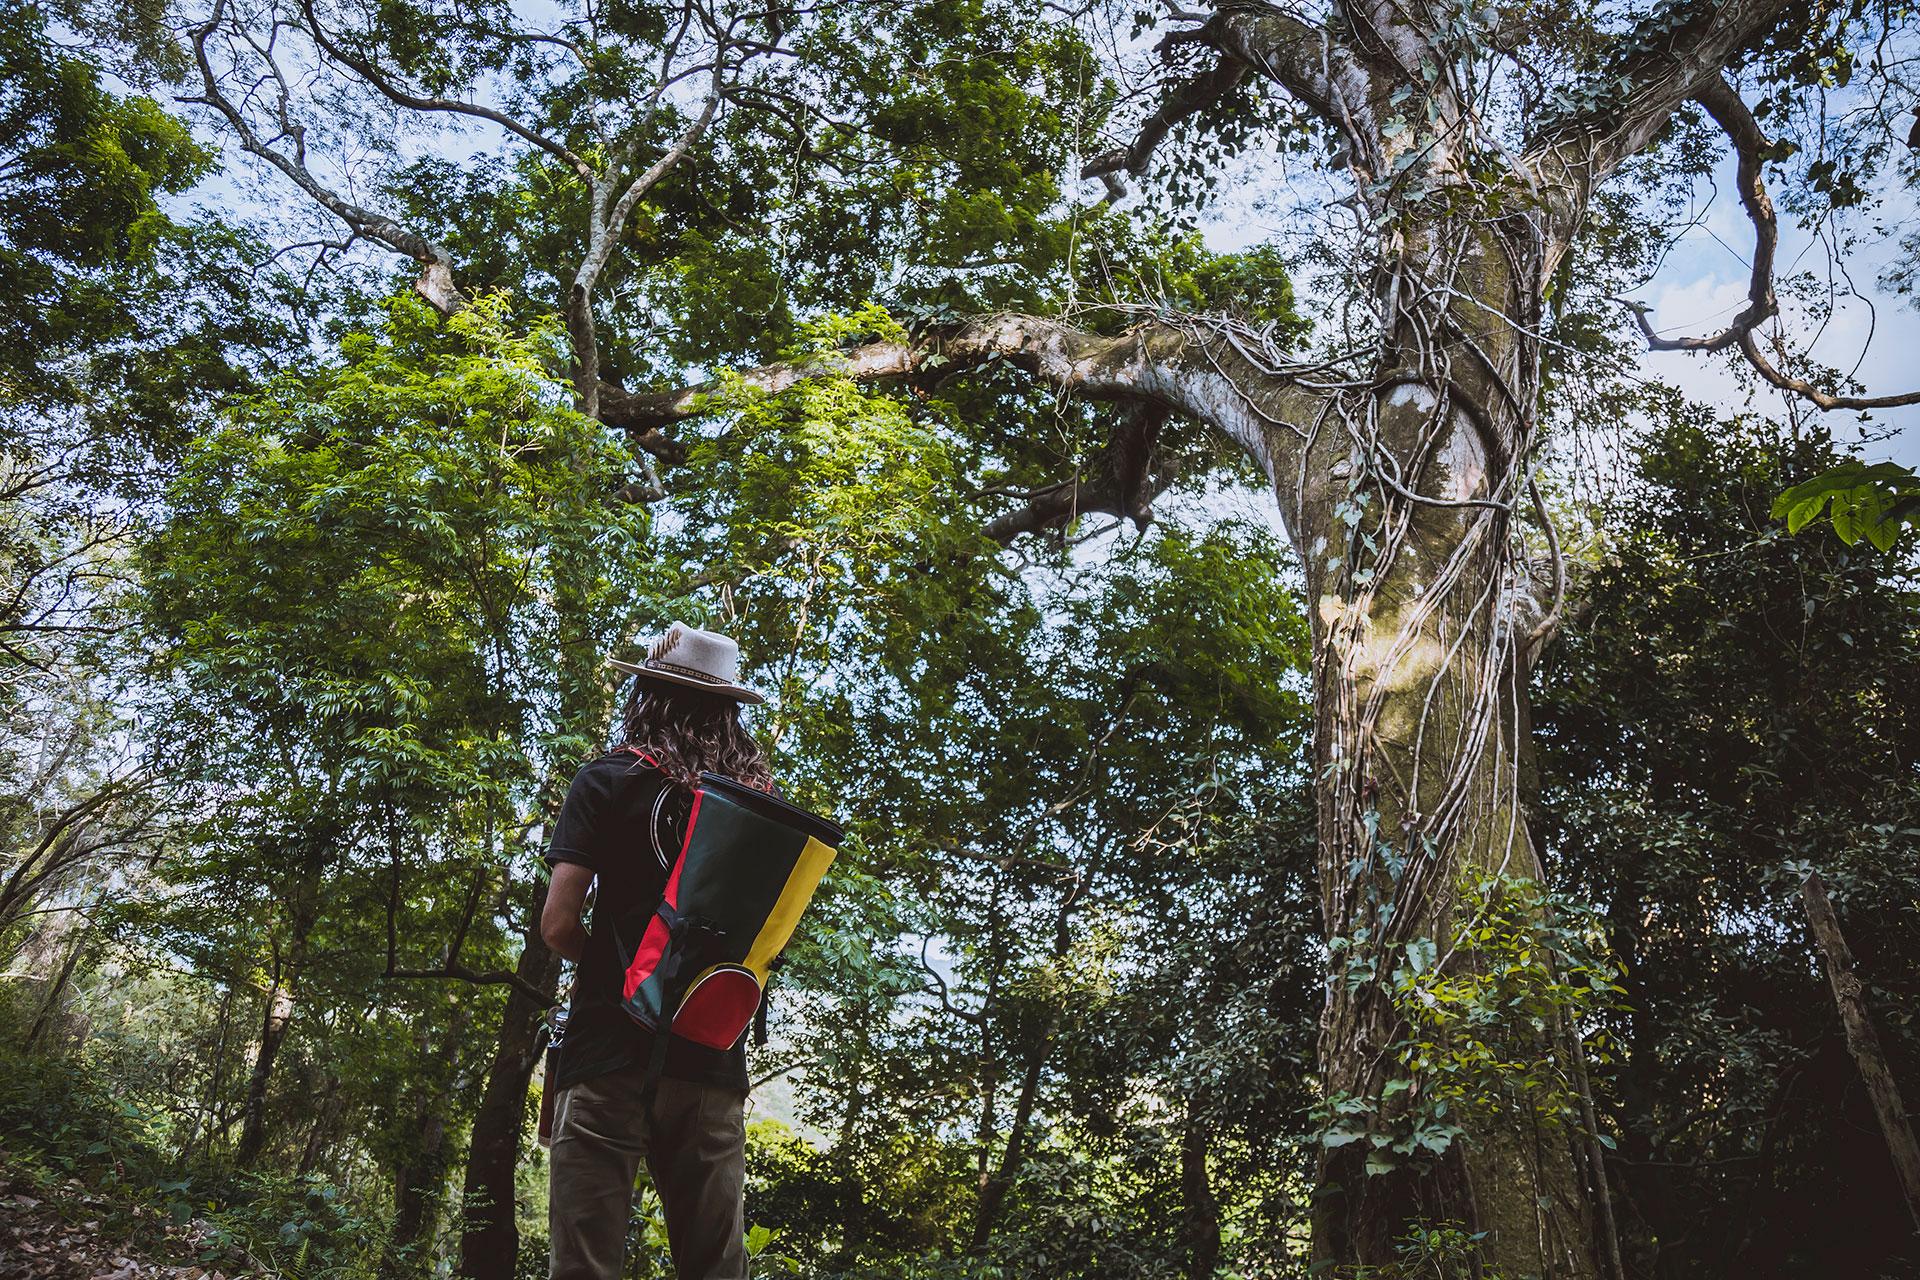 Alegria-tour-trees.jpg